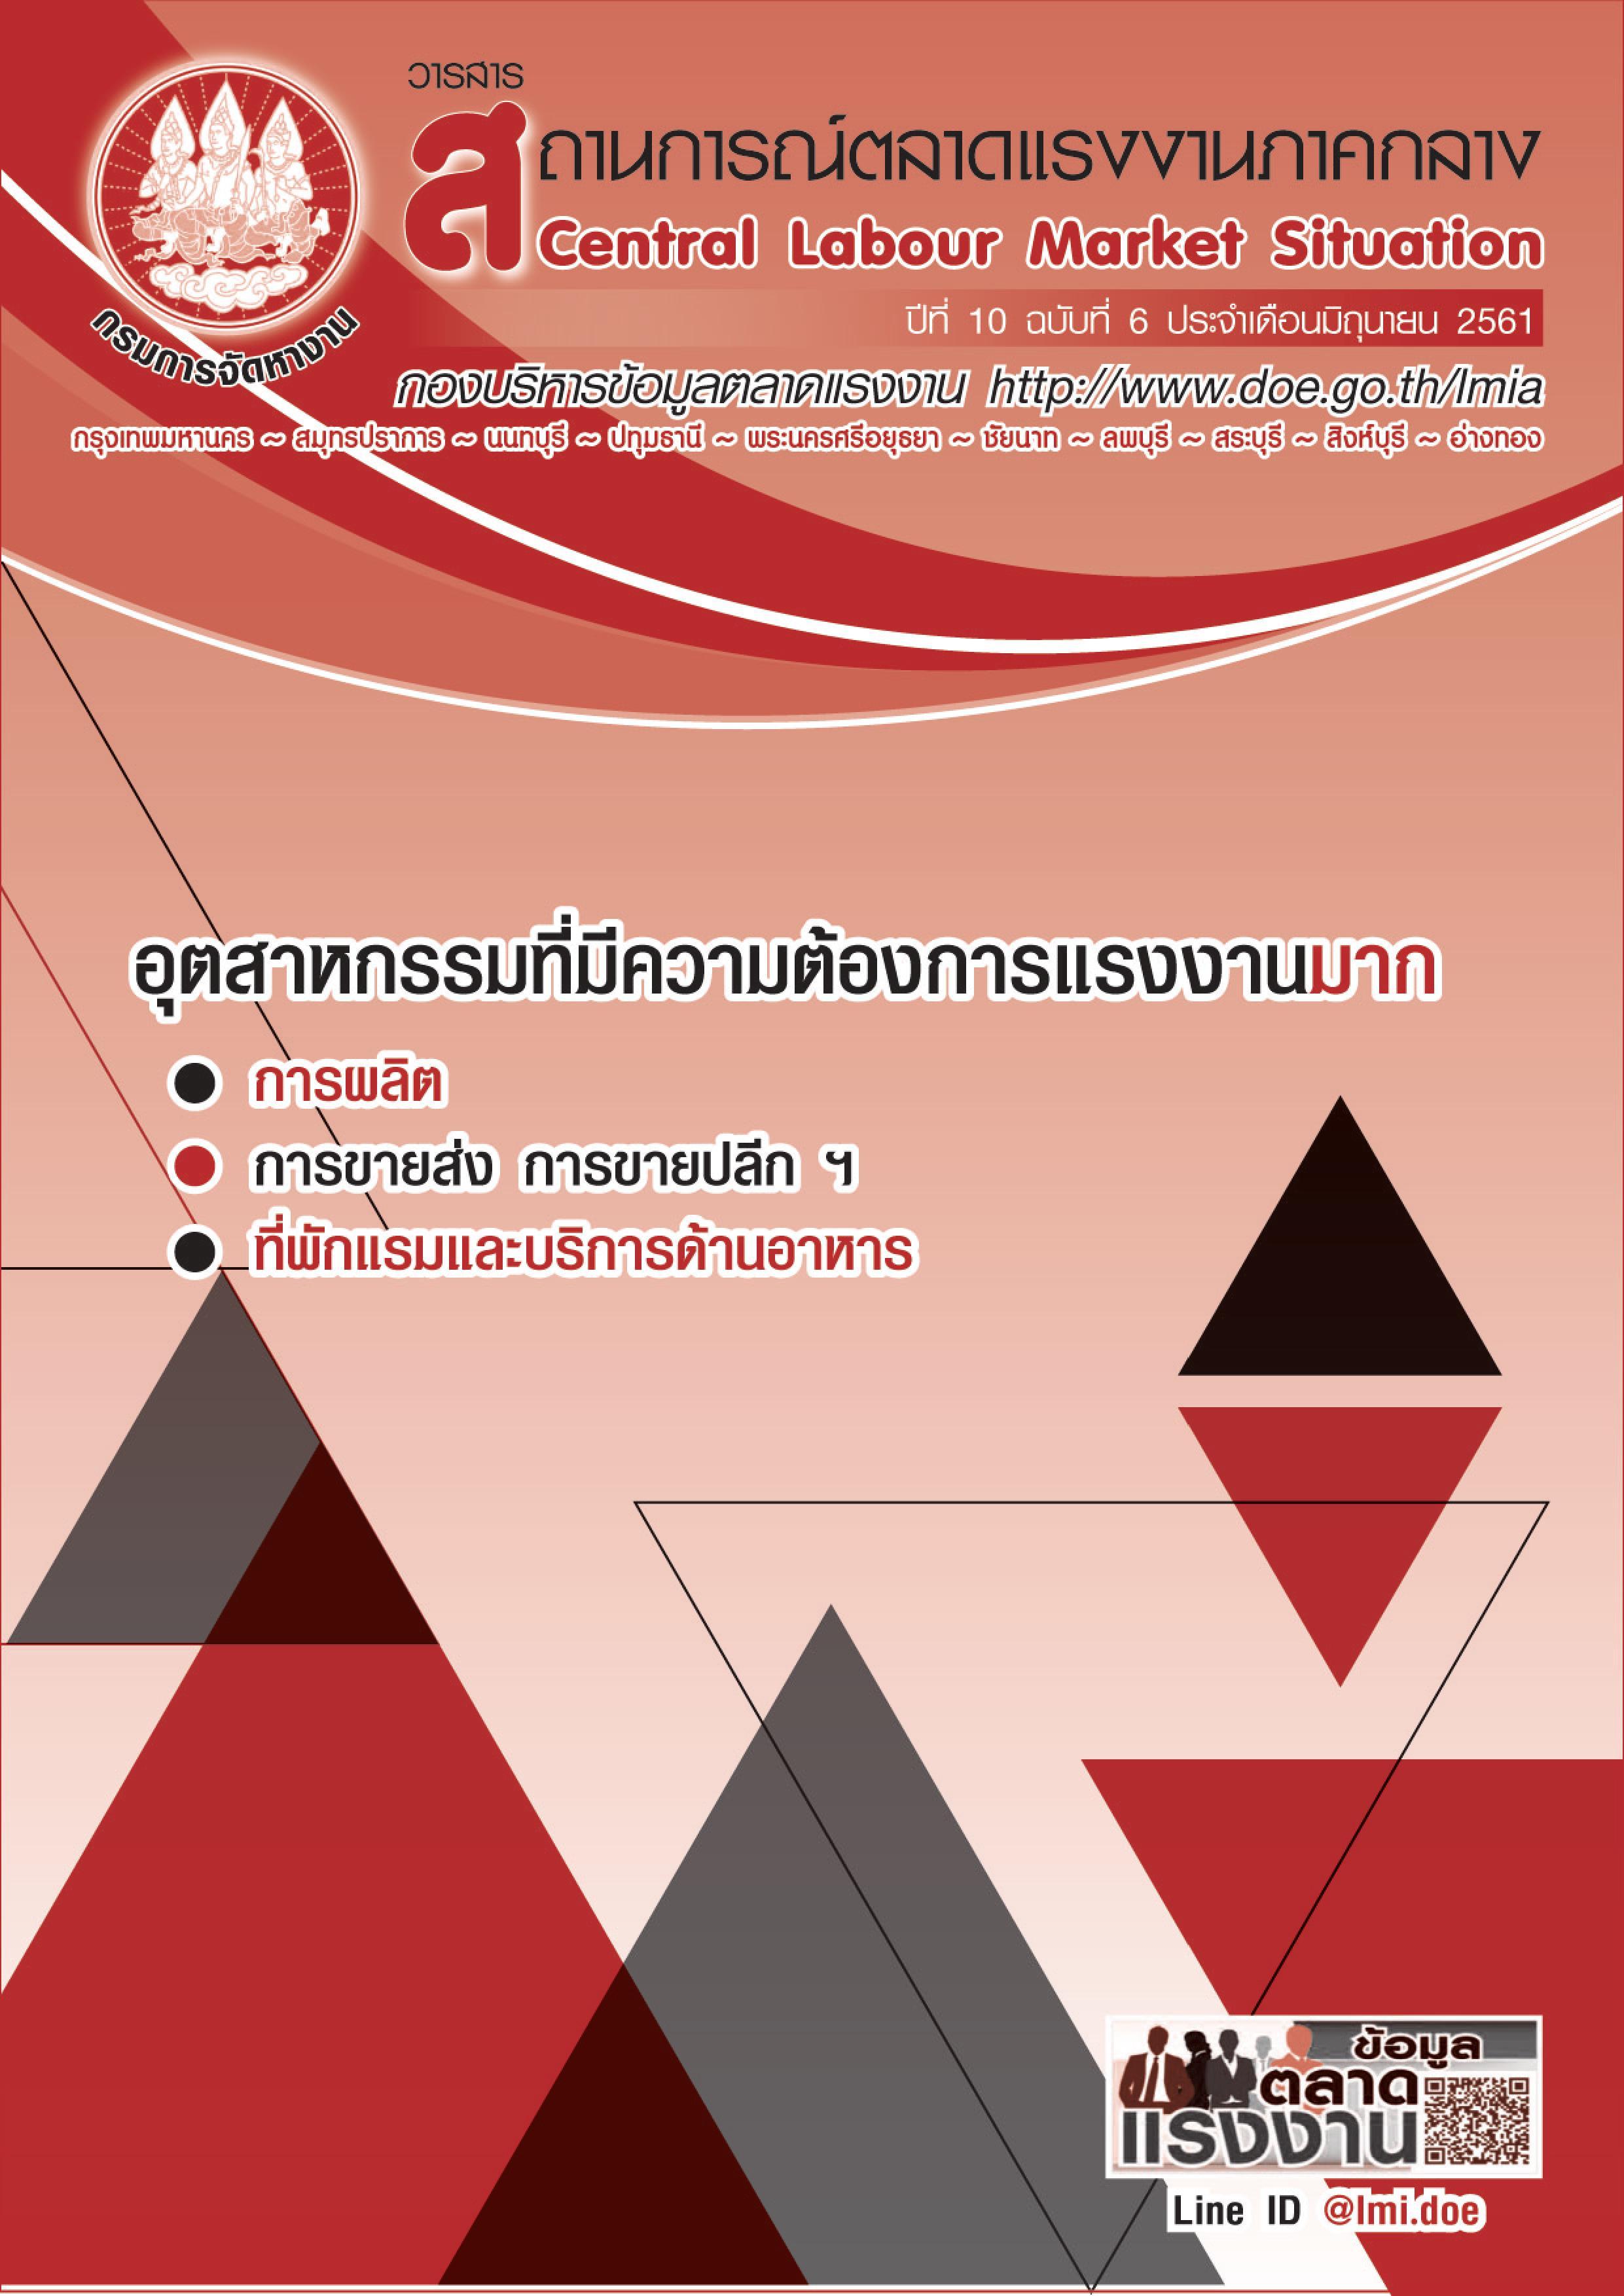 วารสารสถานการณ์ตลาดแรงงานภาคกลางประจำเดือนมิถุนายน 2561